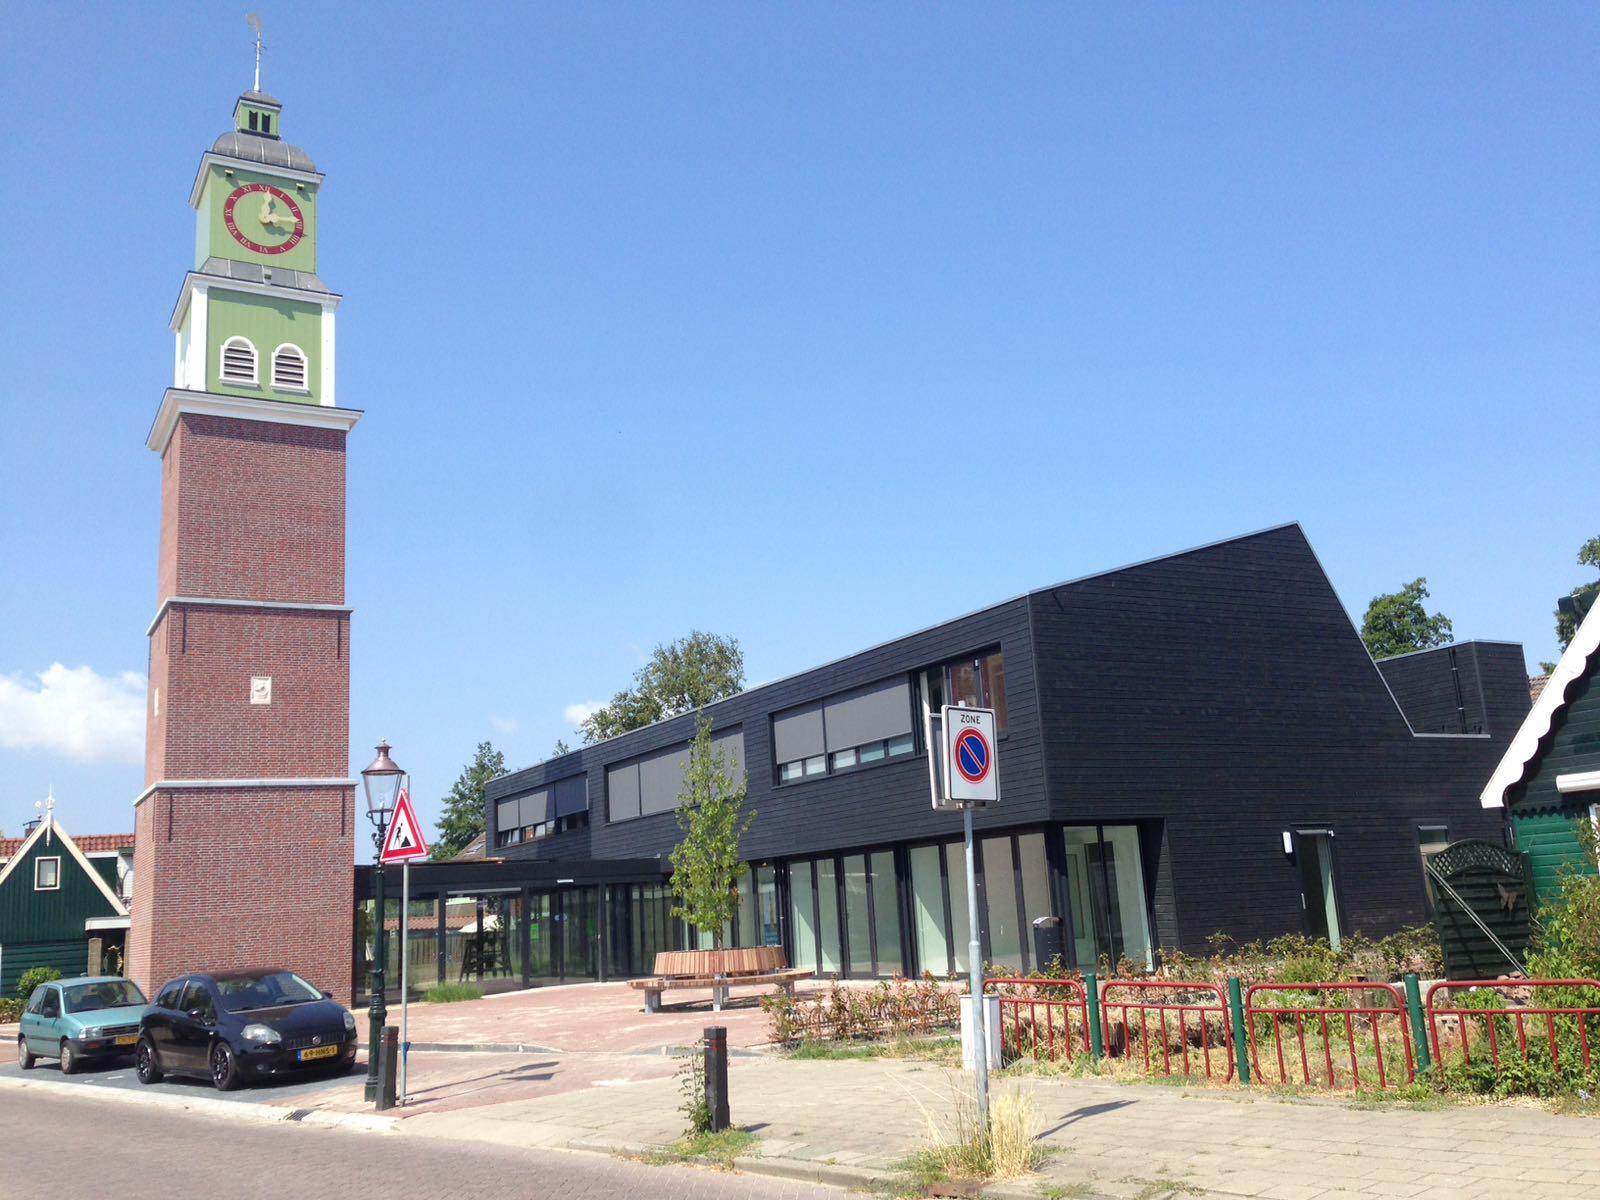 Nieuwe Locatie Centrum Jong In Wormer Wormerland